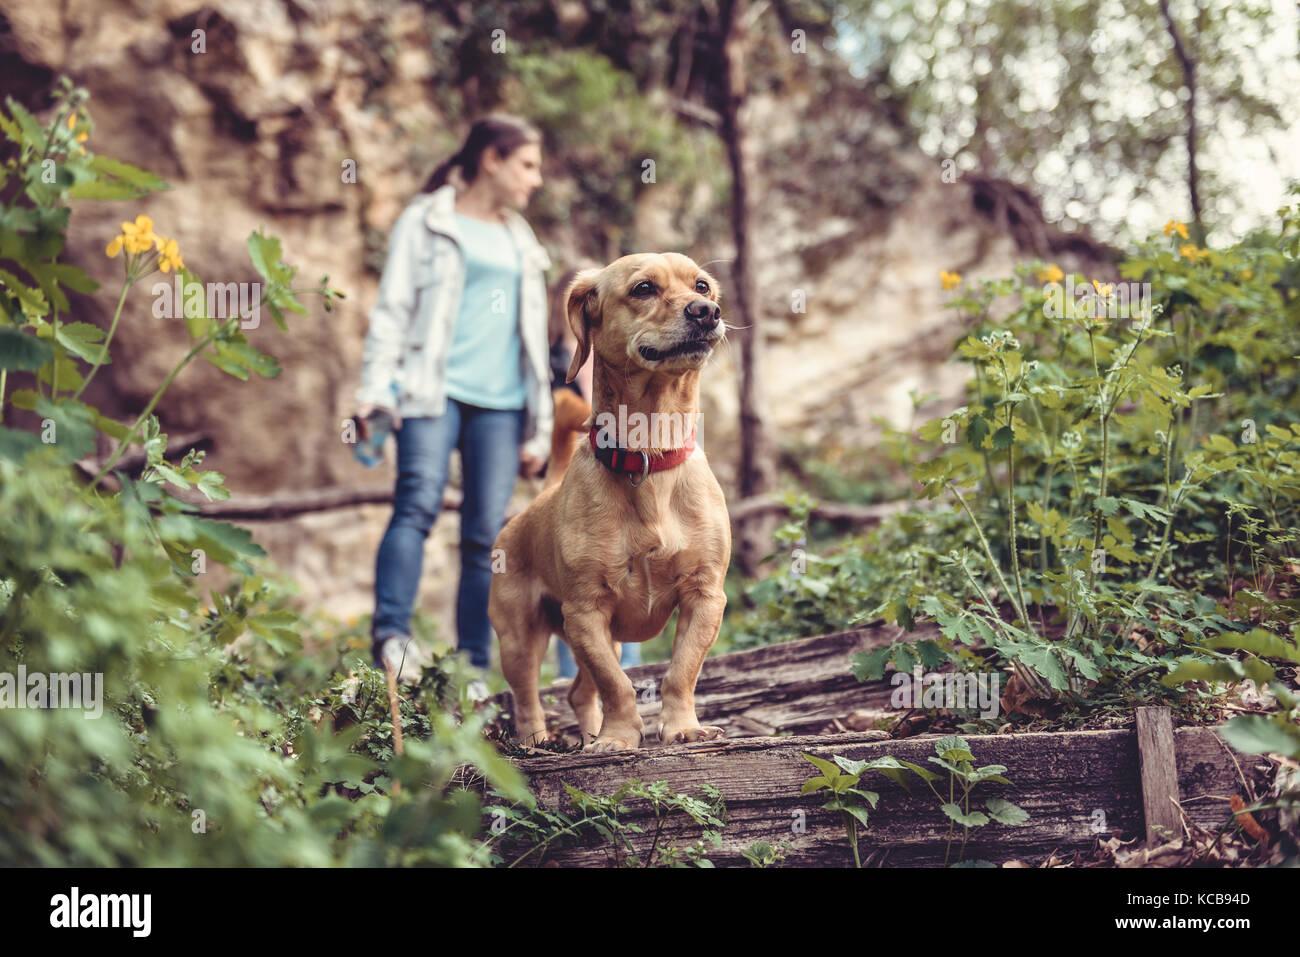 Petit chien jaune sur un sentier forestier avec un peuple marche dans l'arrière-plan Photo Stock